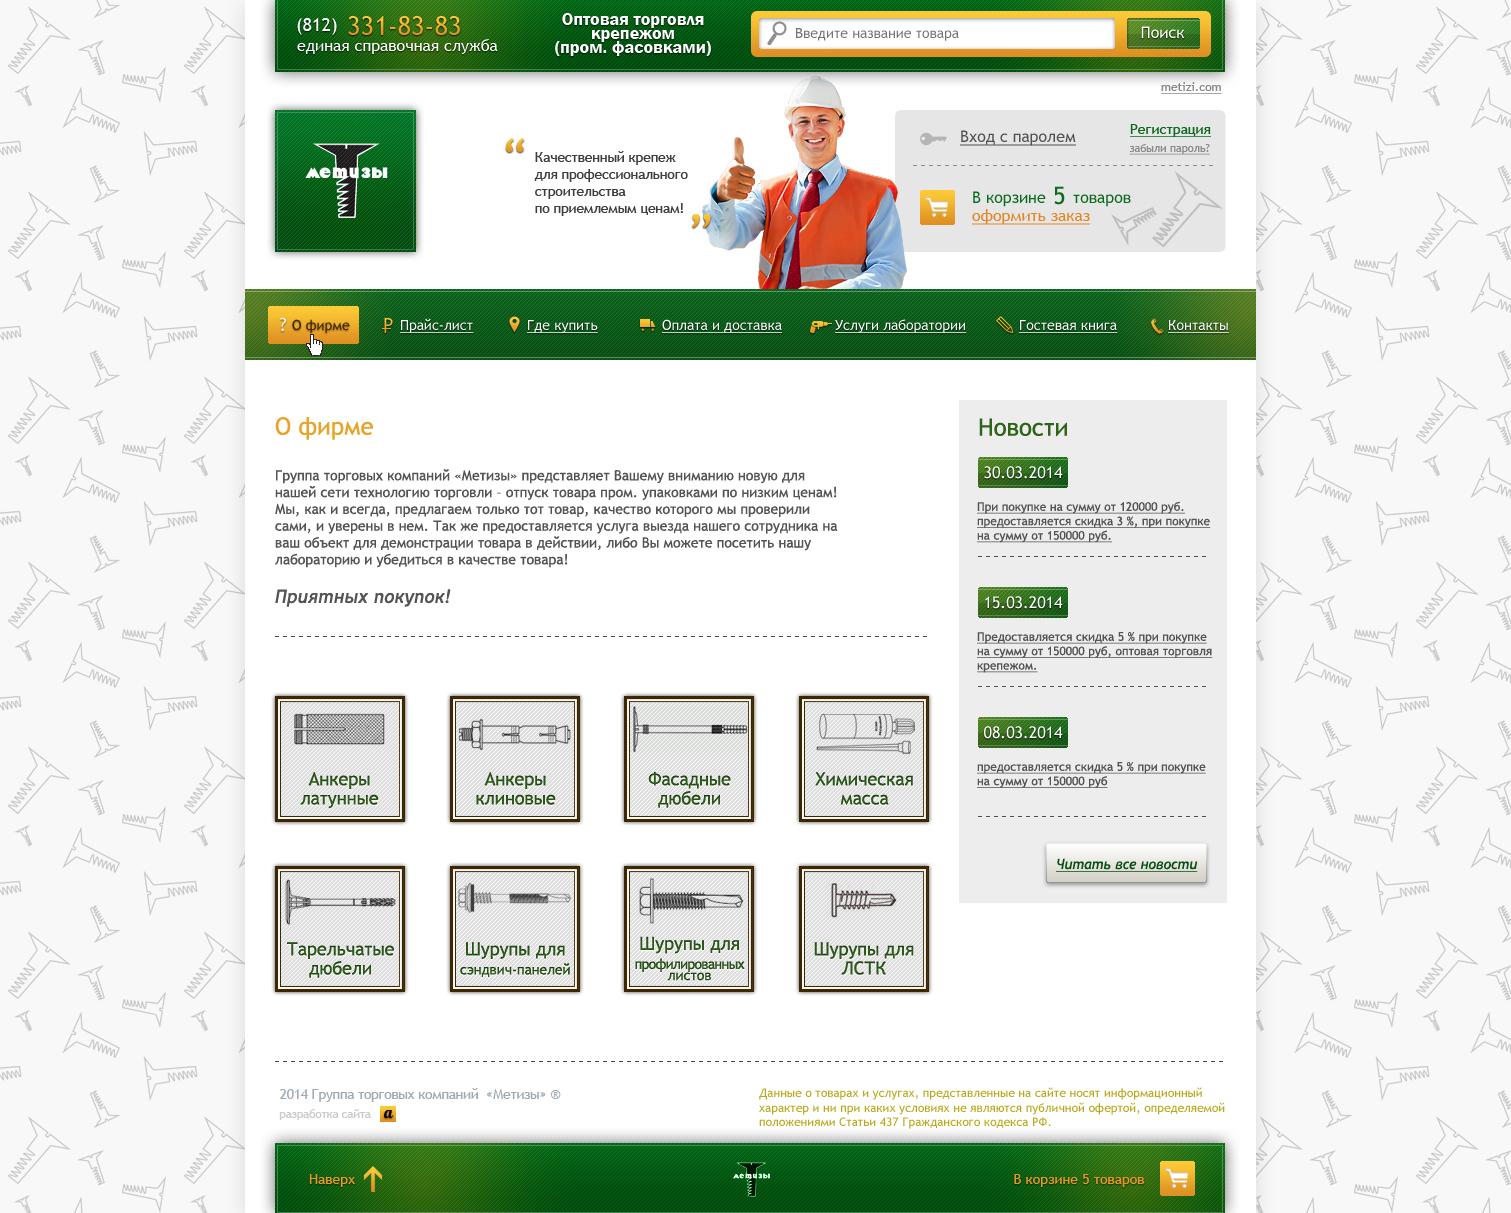 Сайт оптовой торговли компании Метизы